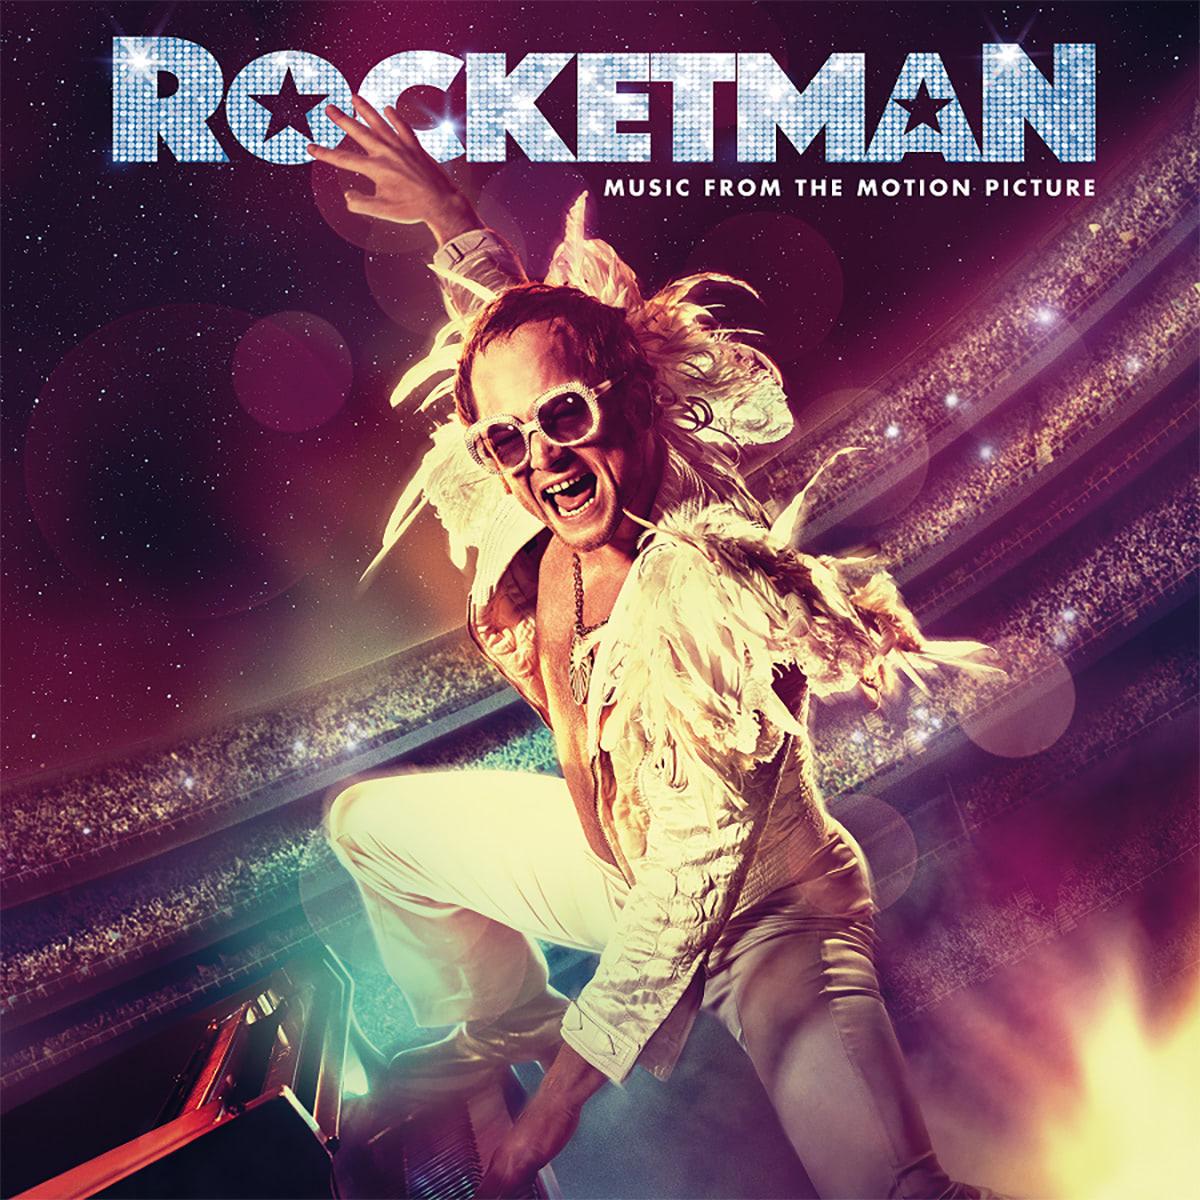 『ロケットマン(オリジナル・サウンドトラック)』